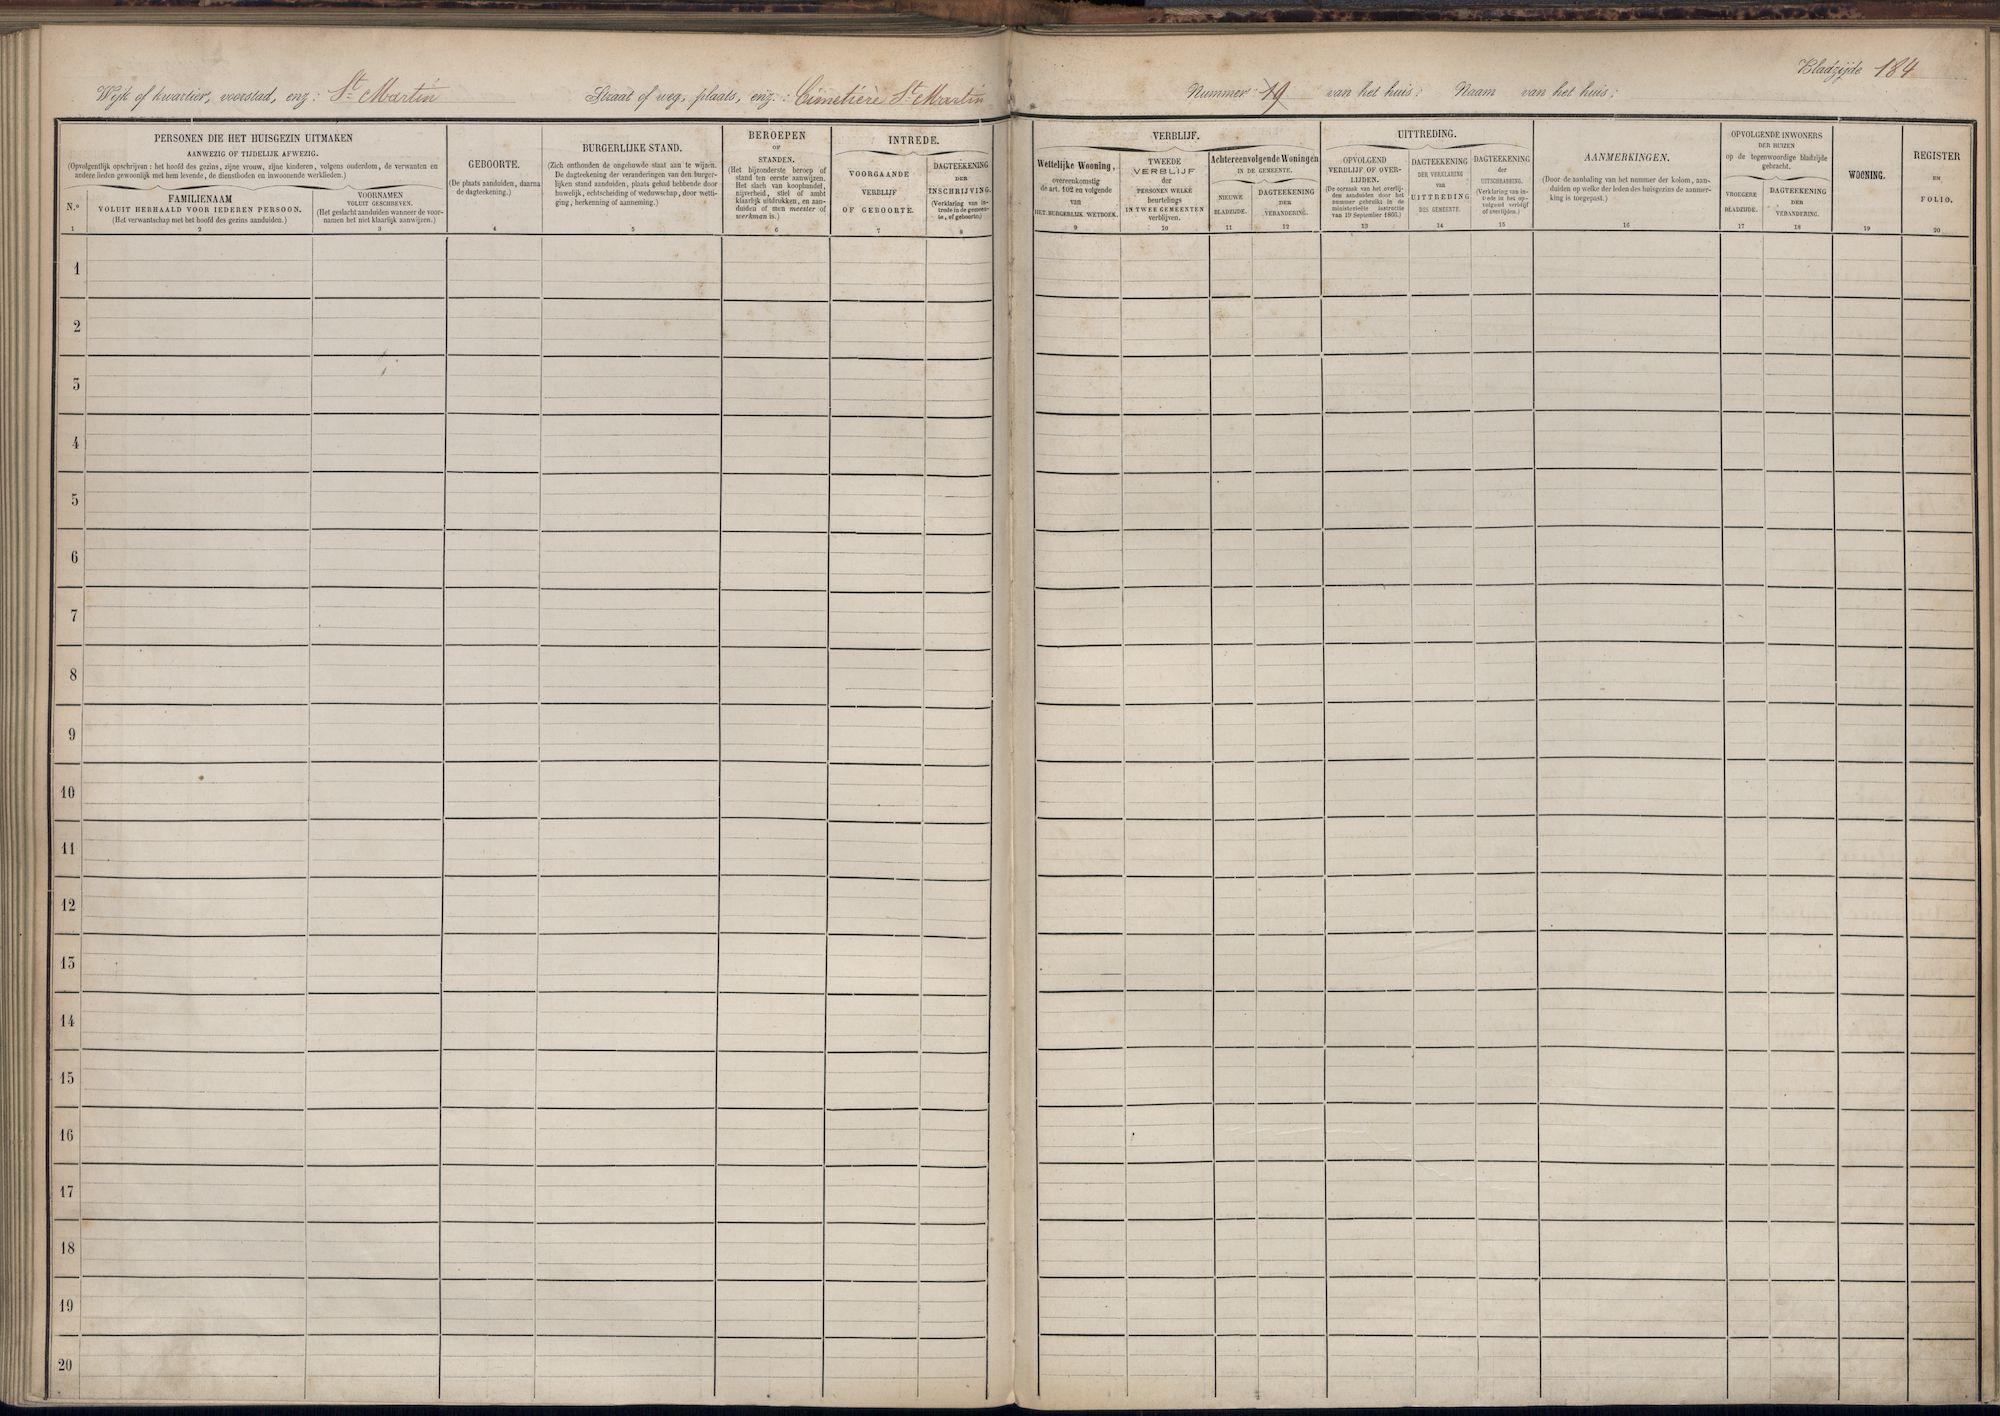 1880_18_182.tif